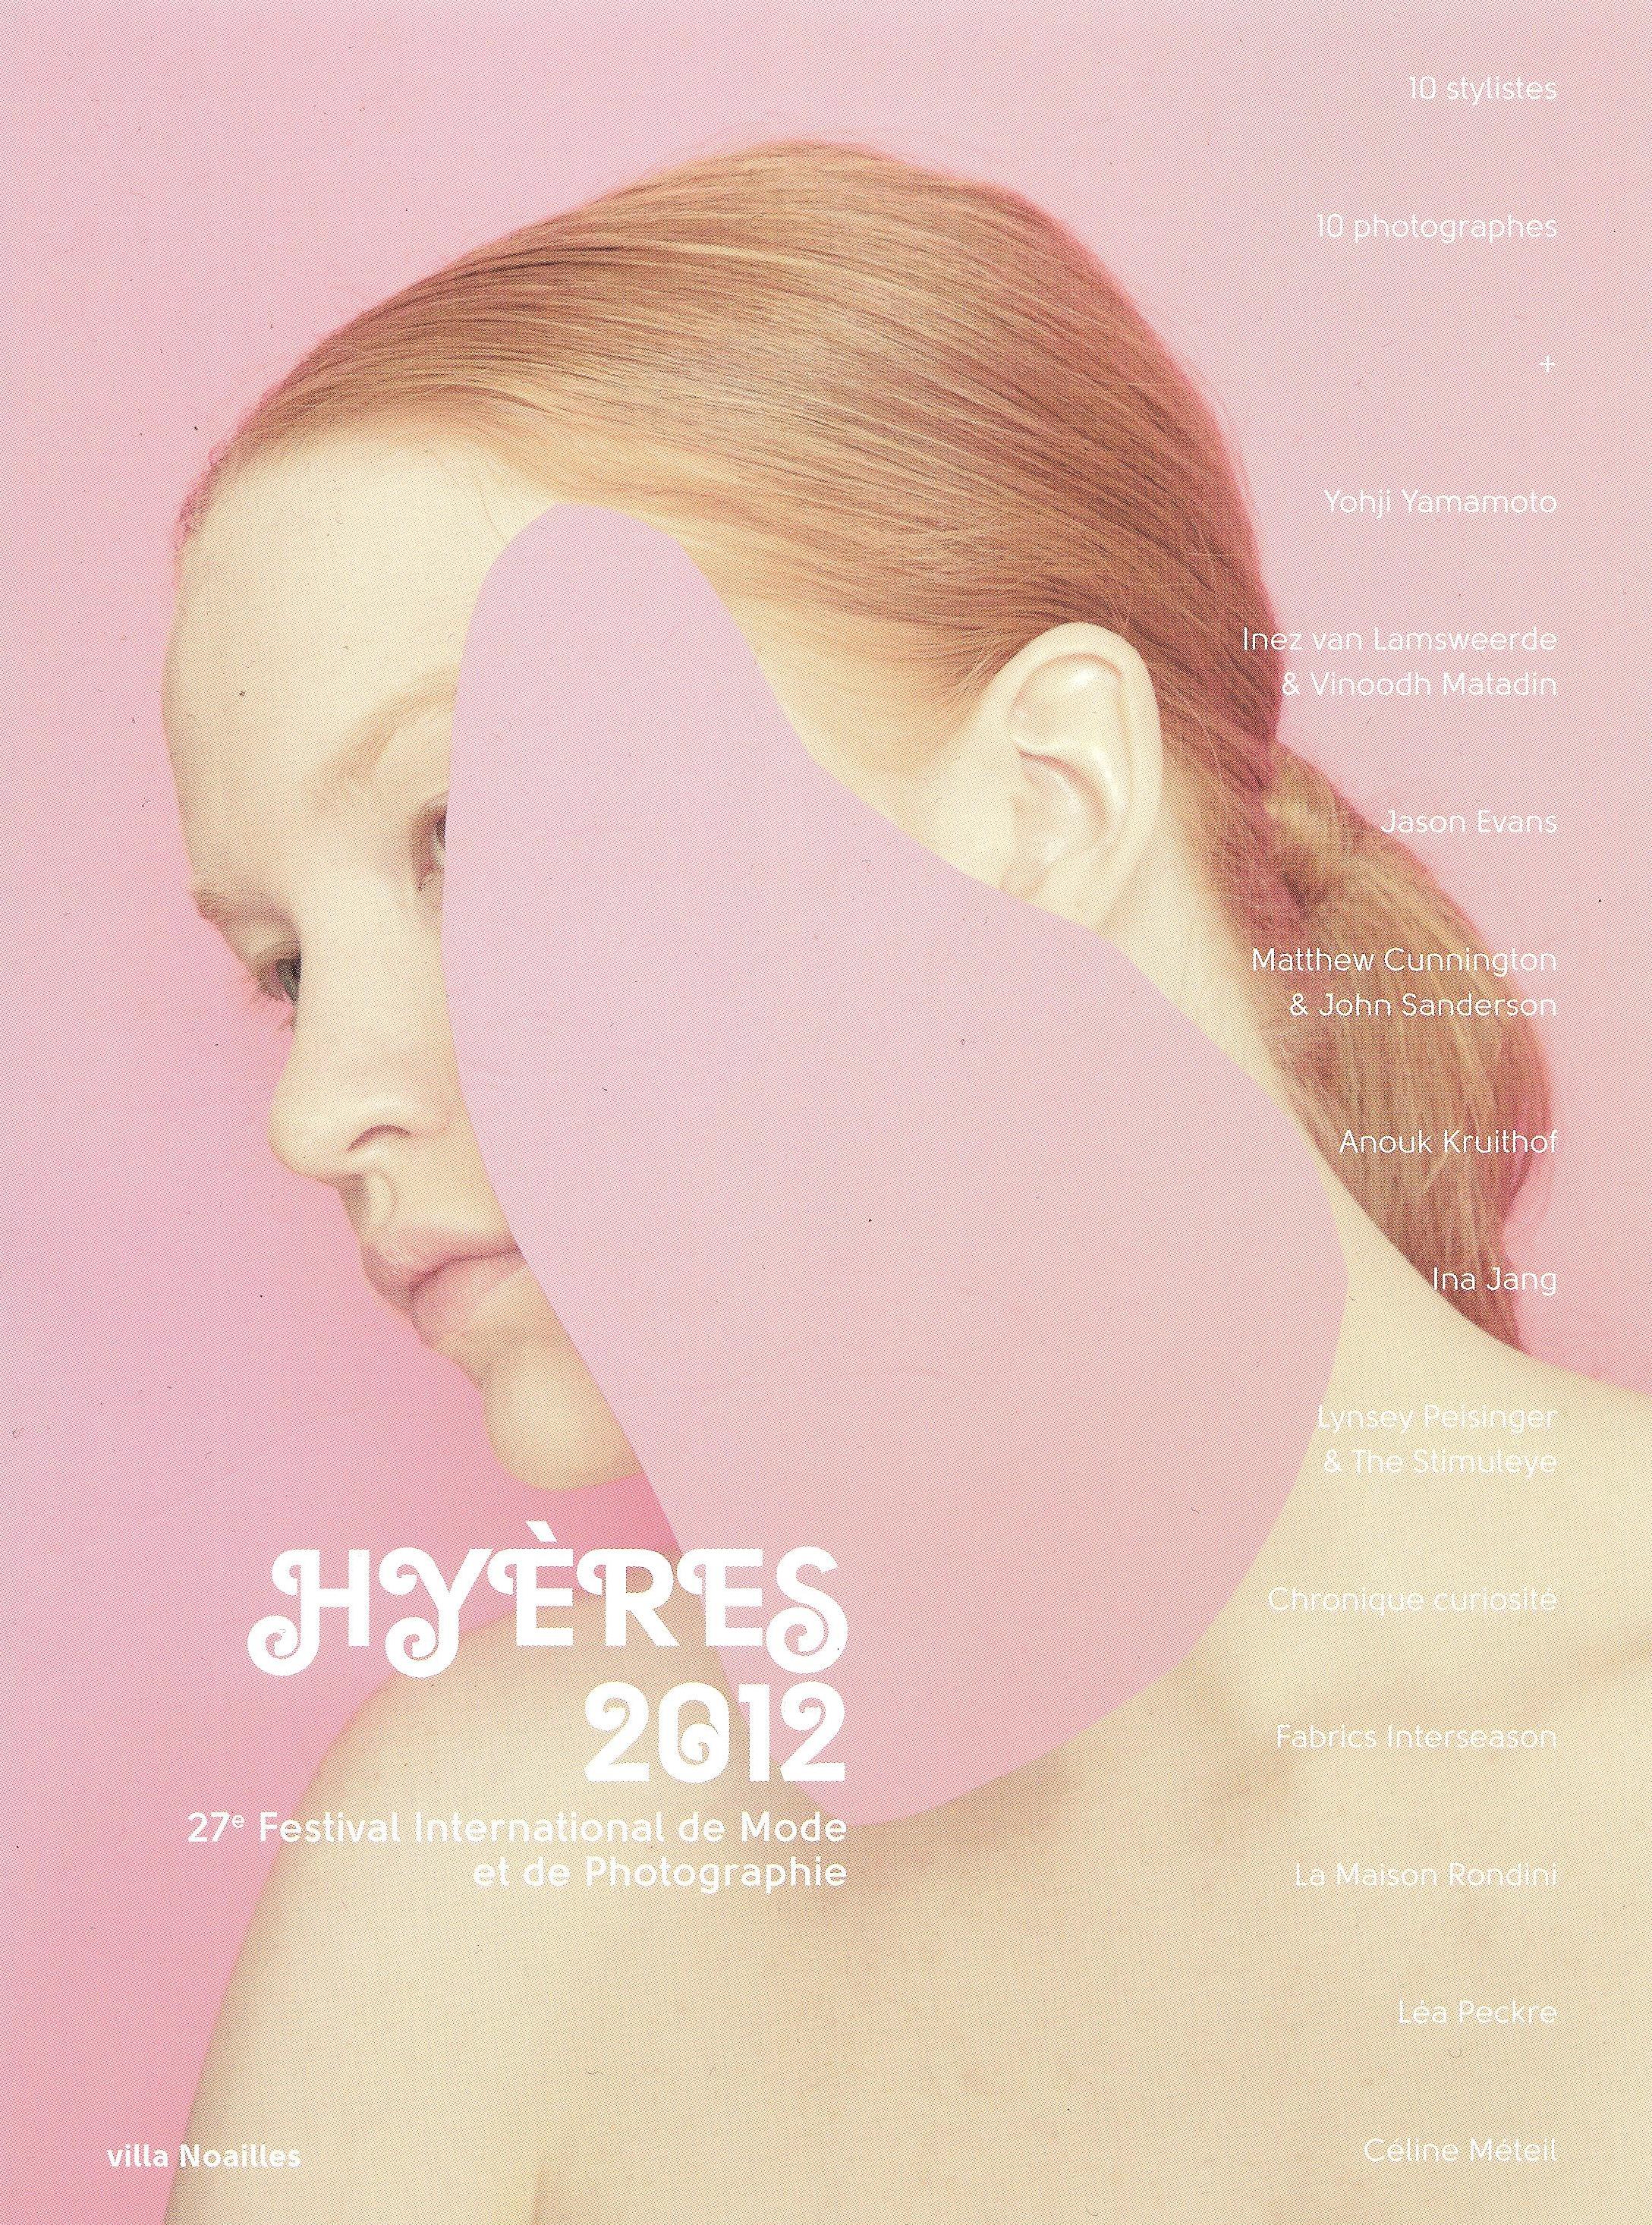 Hyeres Festival Brochure 2012